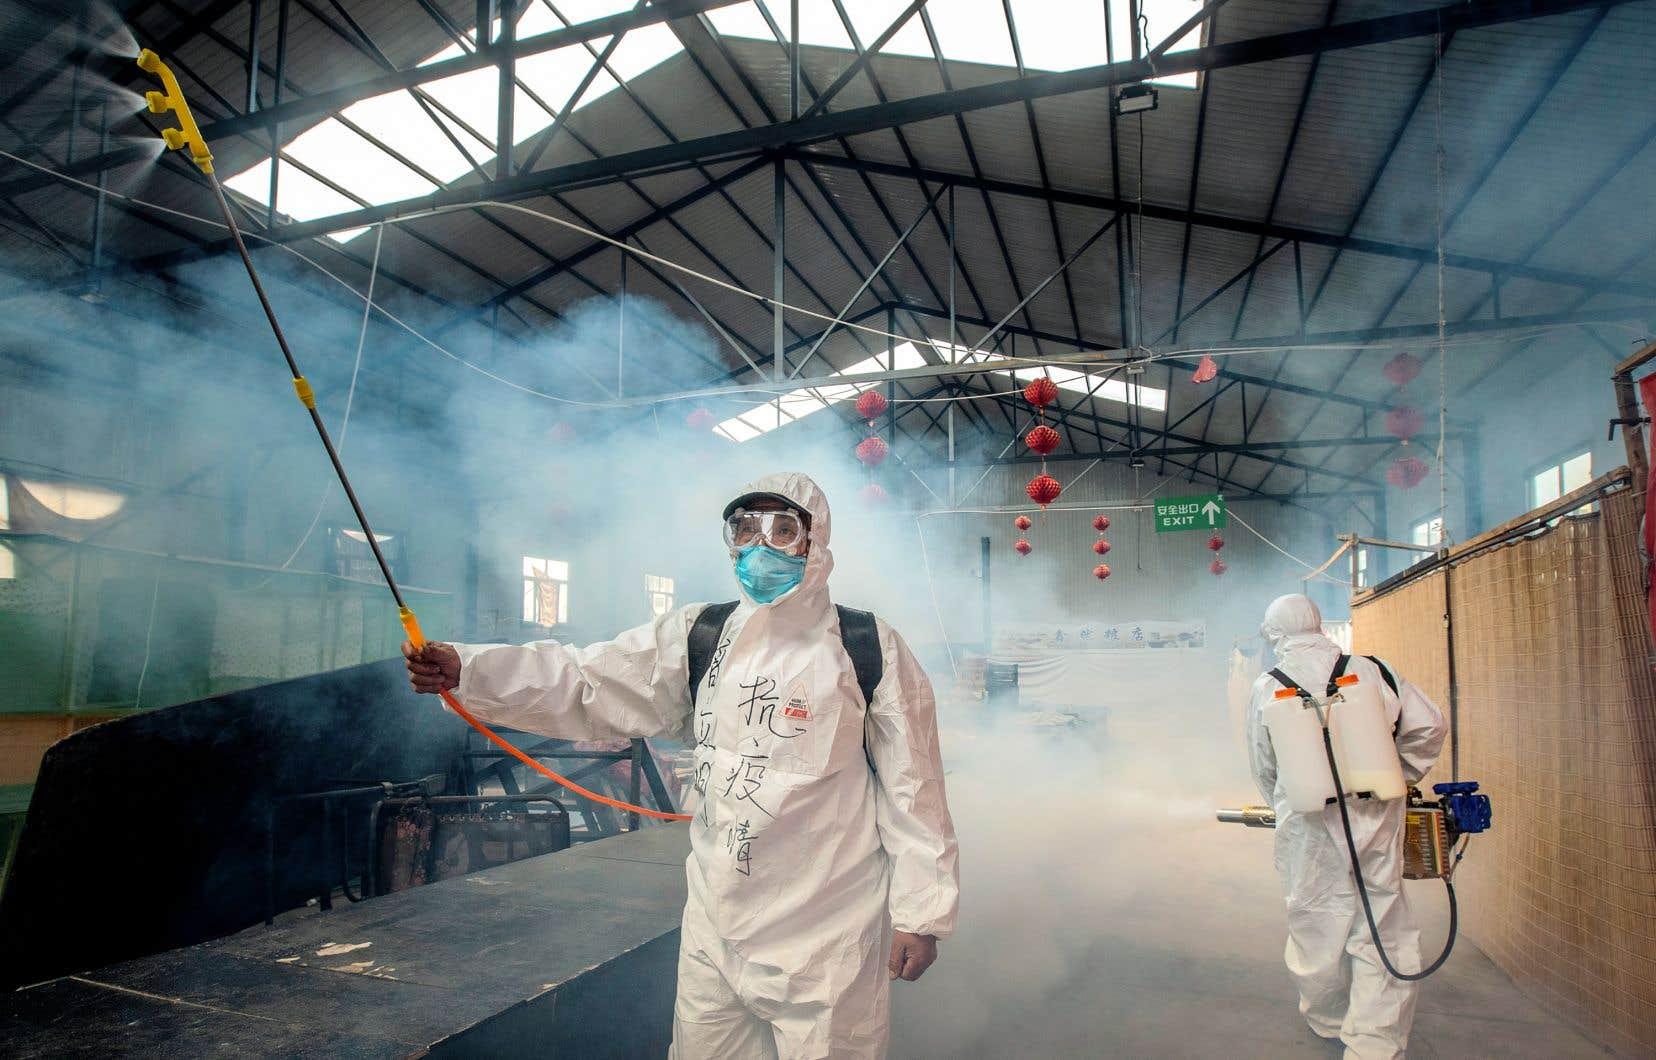 Pékin déclare avoir rapidement partagé avec l'Organisation mondiale de la santé (OMS) et d'autres pays toutes les données à sa disposition.